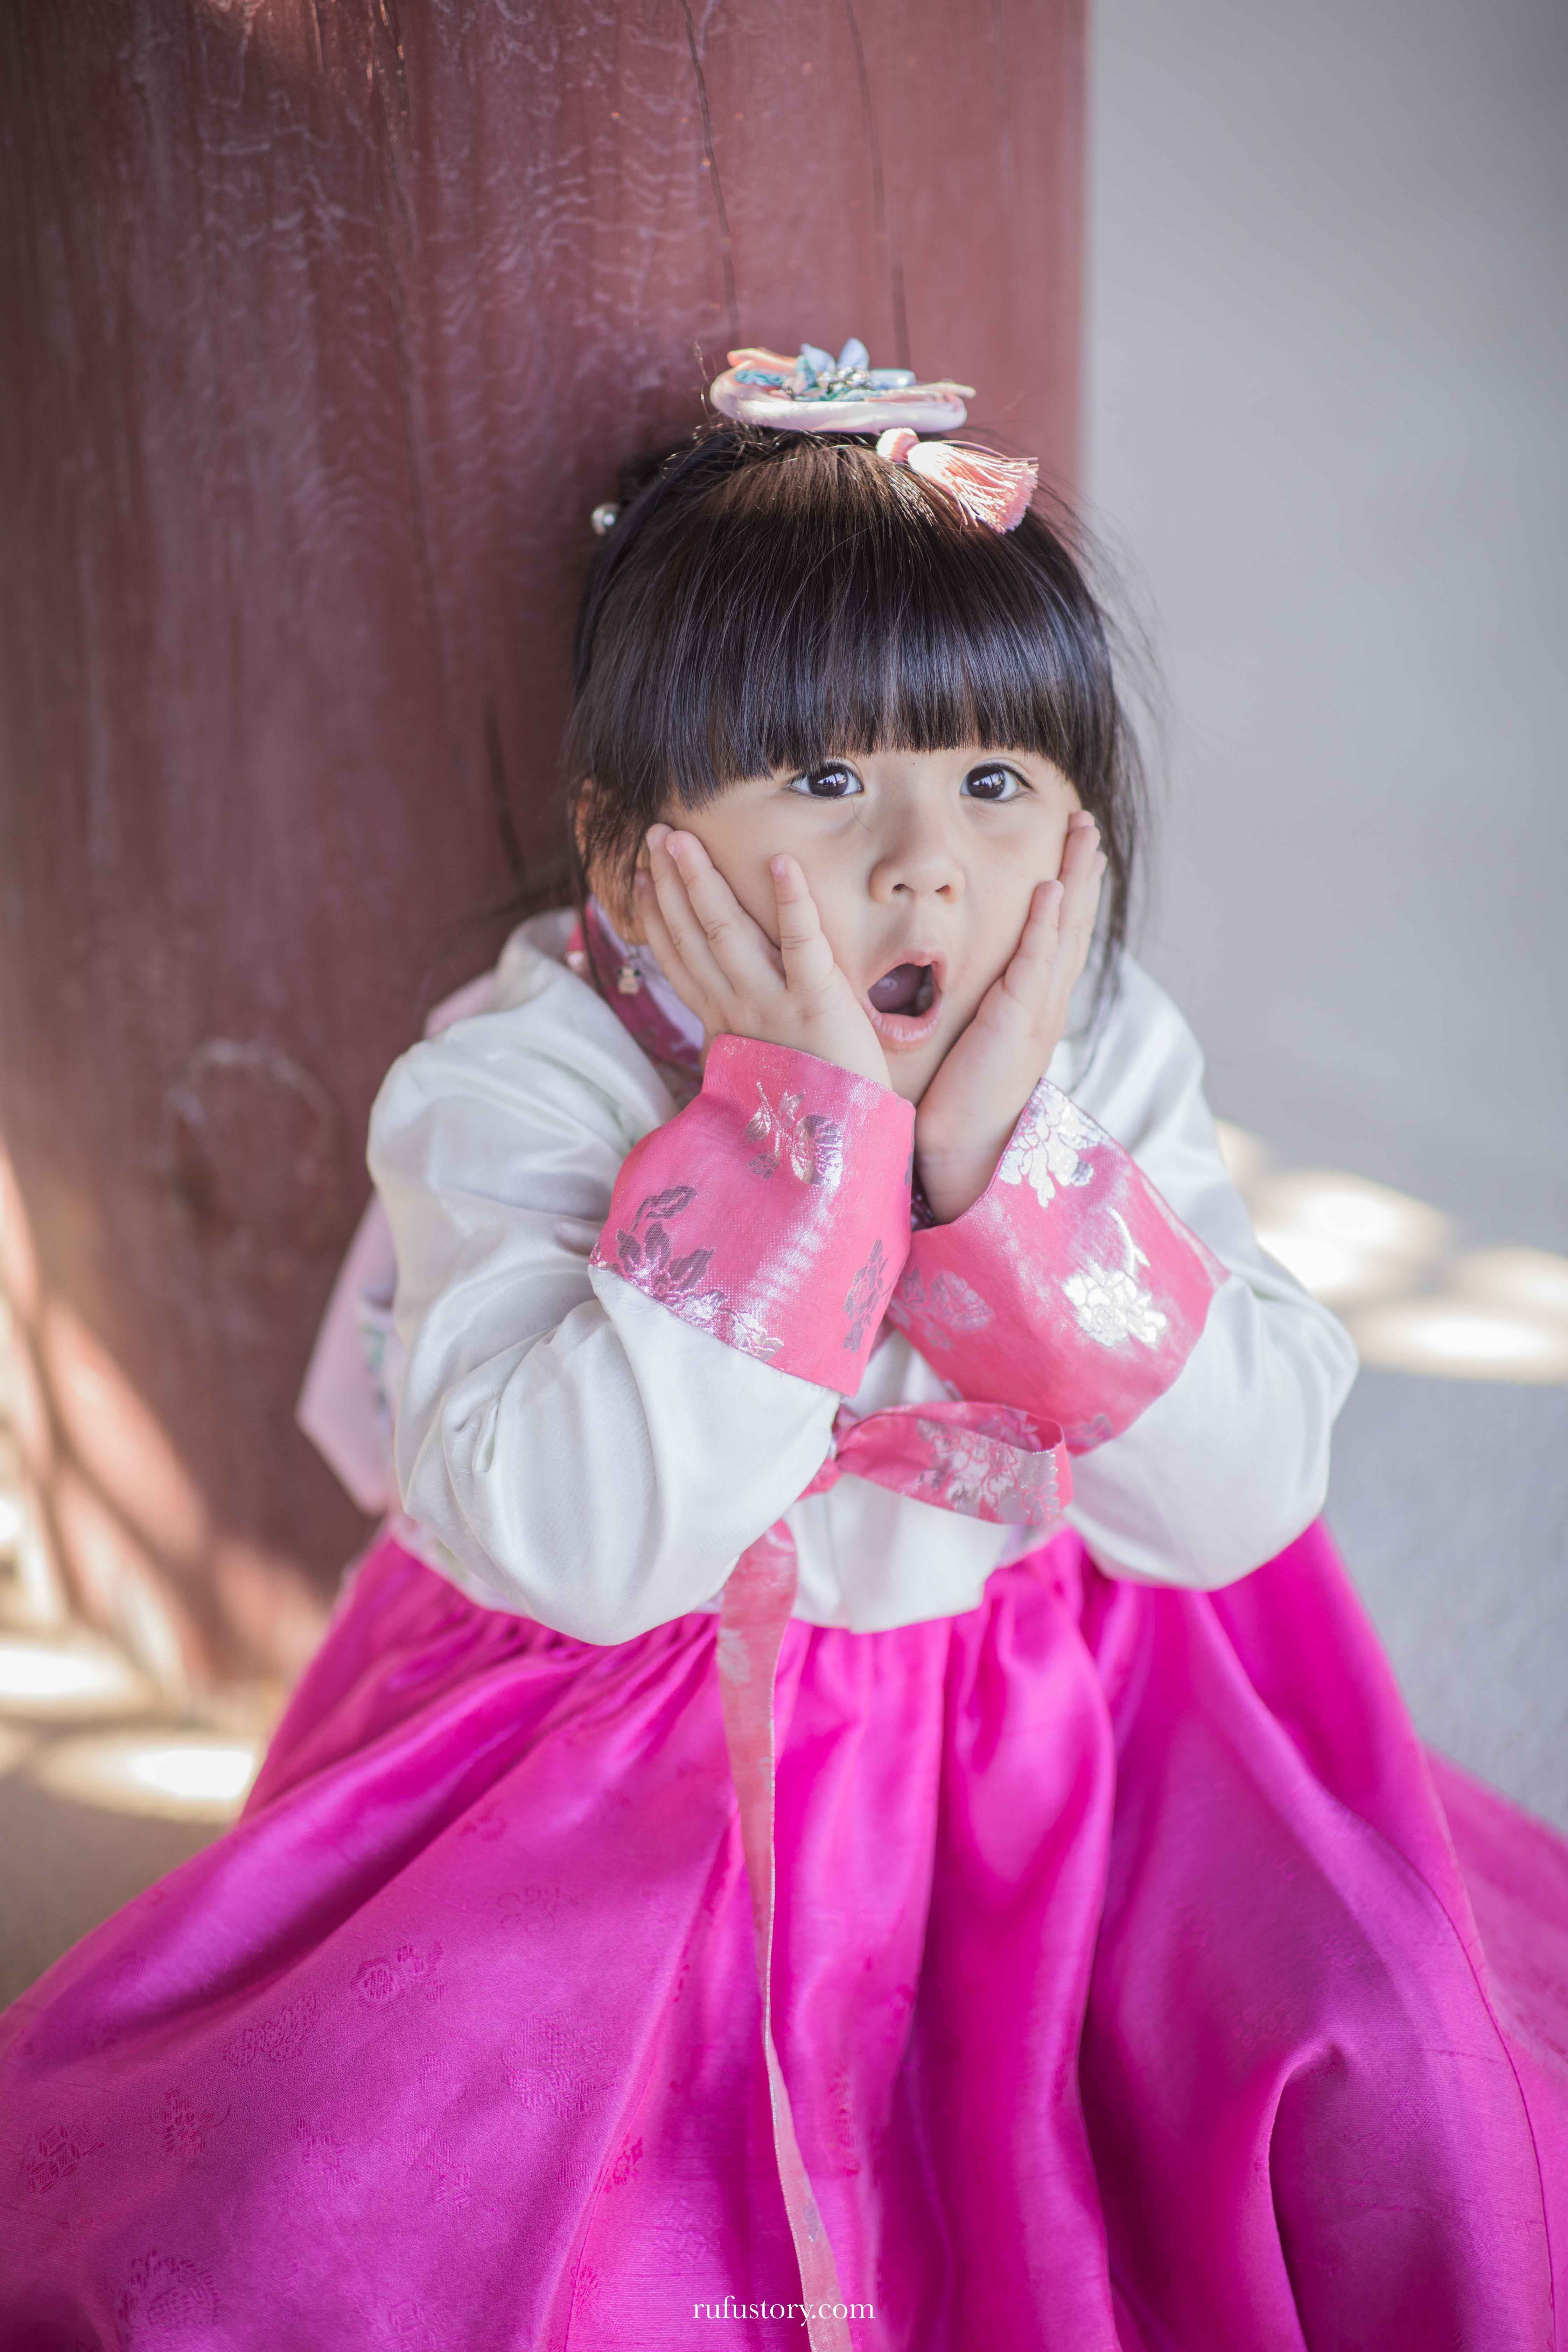 Princess Moonella